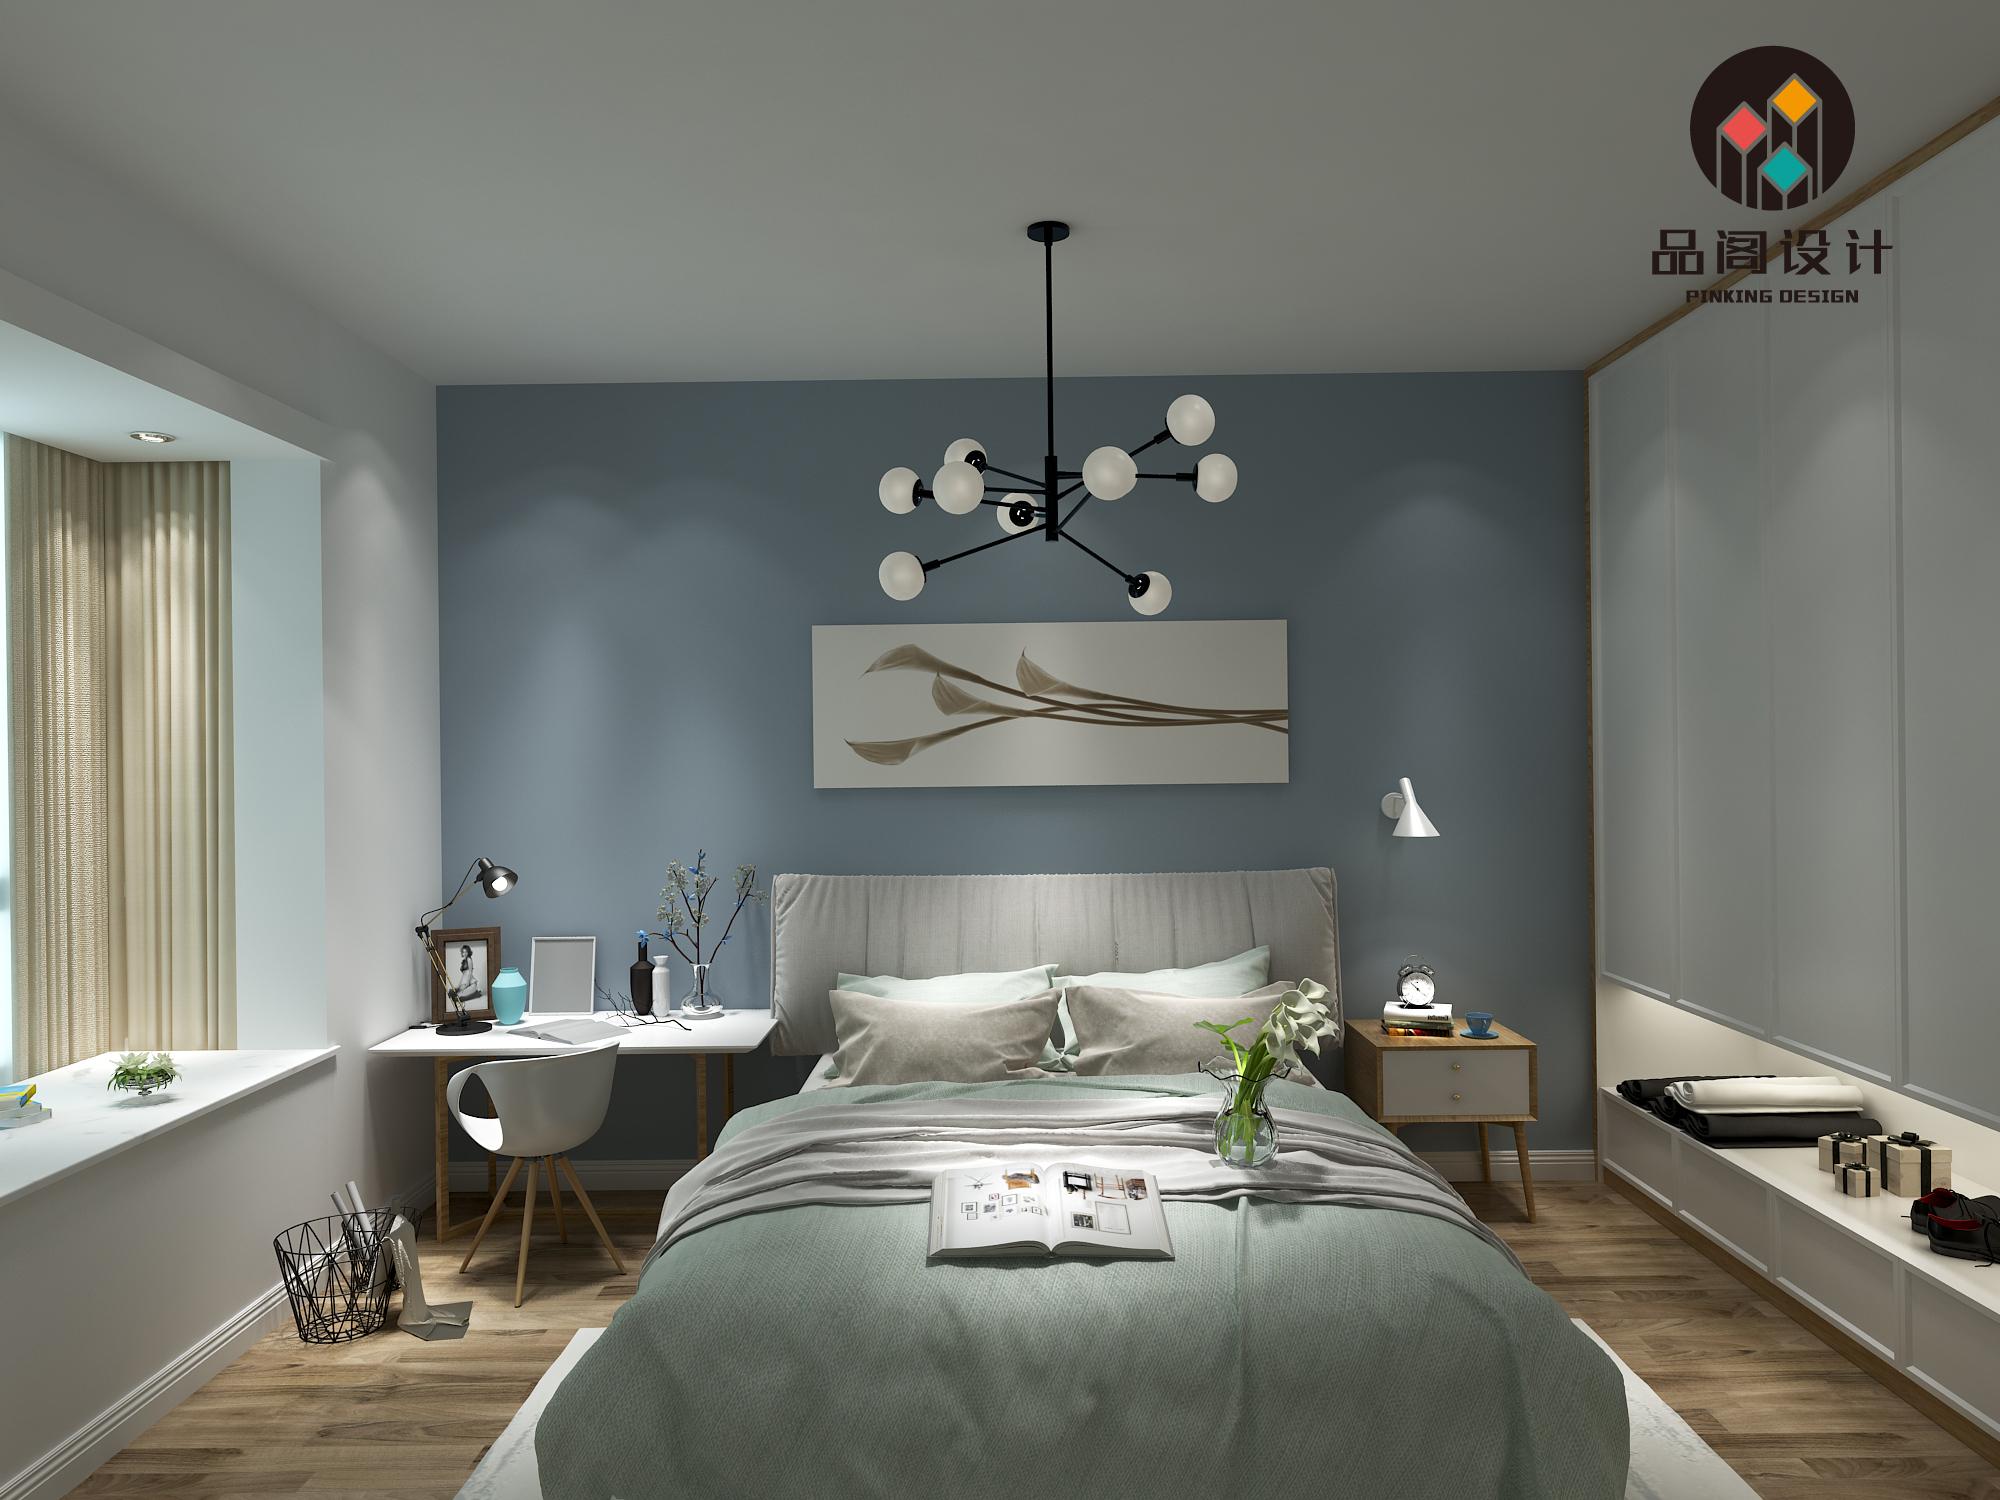 北欧风格设计装修效果图 室内装修设计效果图